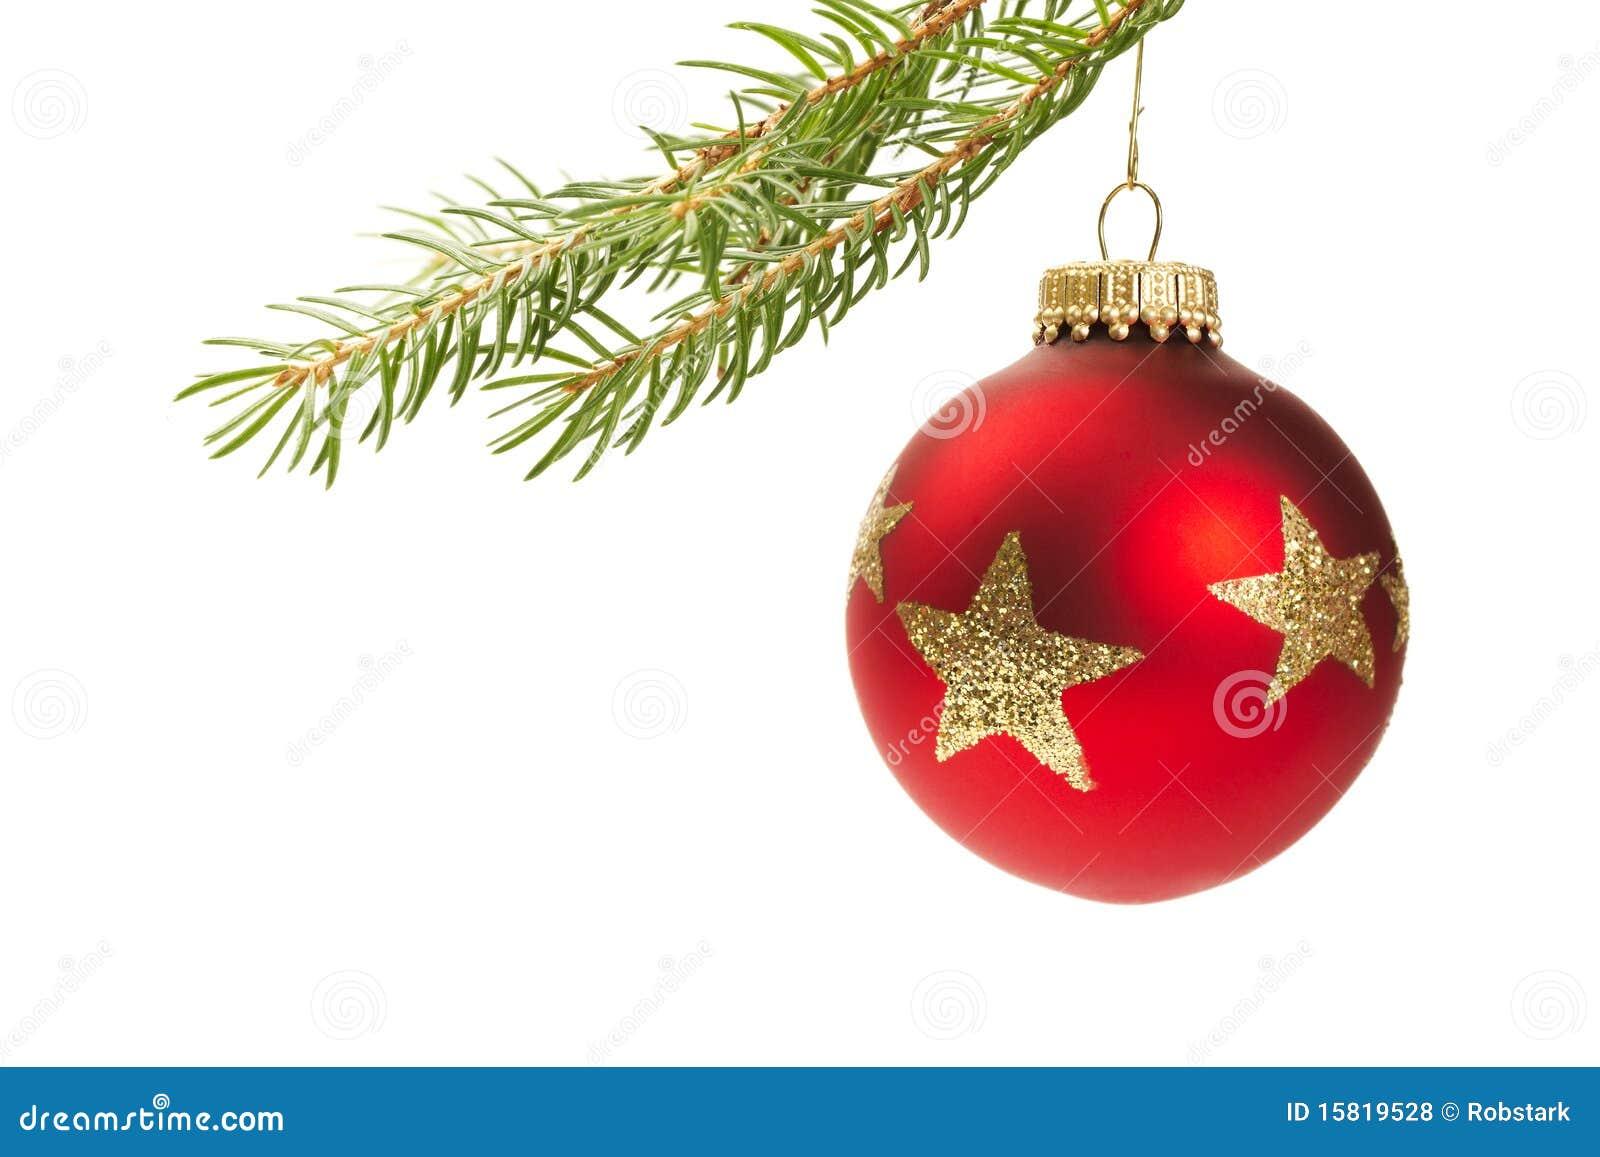 Rote weihnachtskugel die an einem zweig h ngt stockfoto bild von weihnachten celebrate 15819528 - Bilder weihnachtskugeln ...